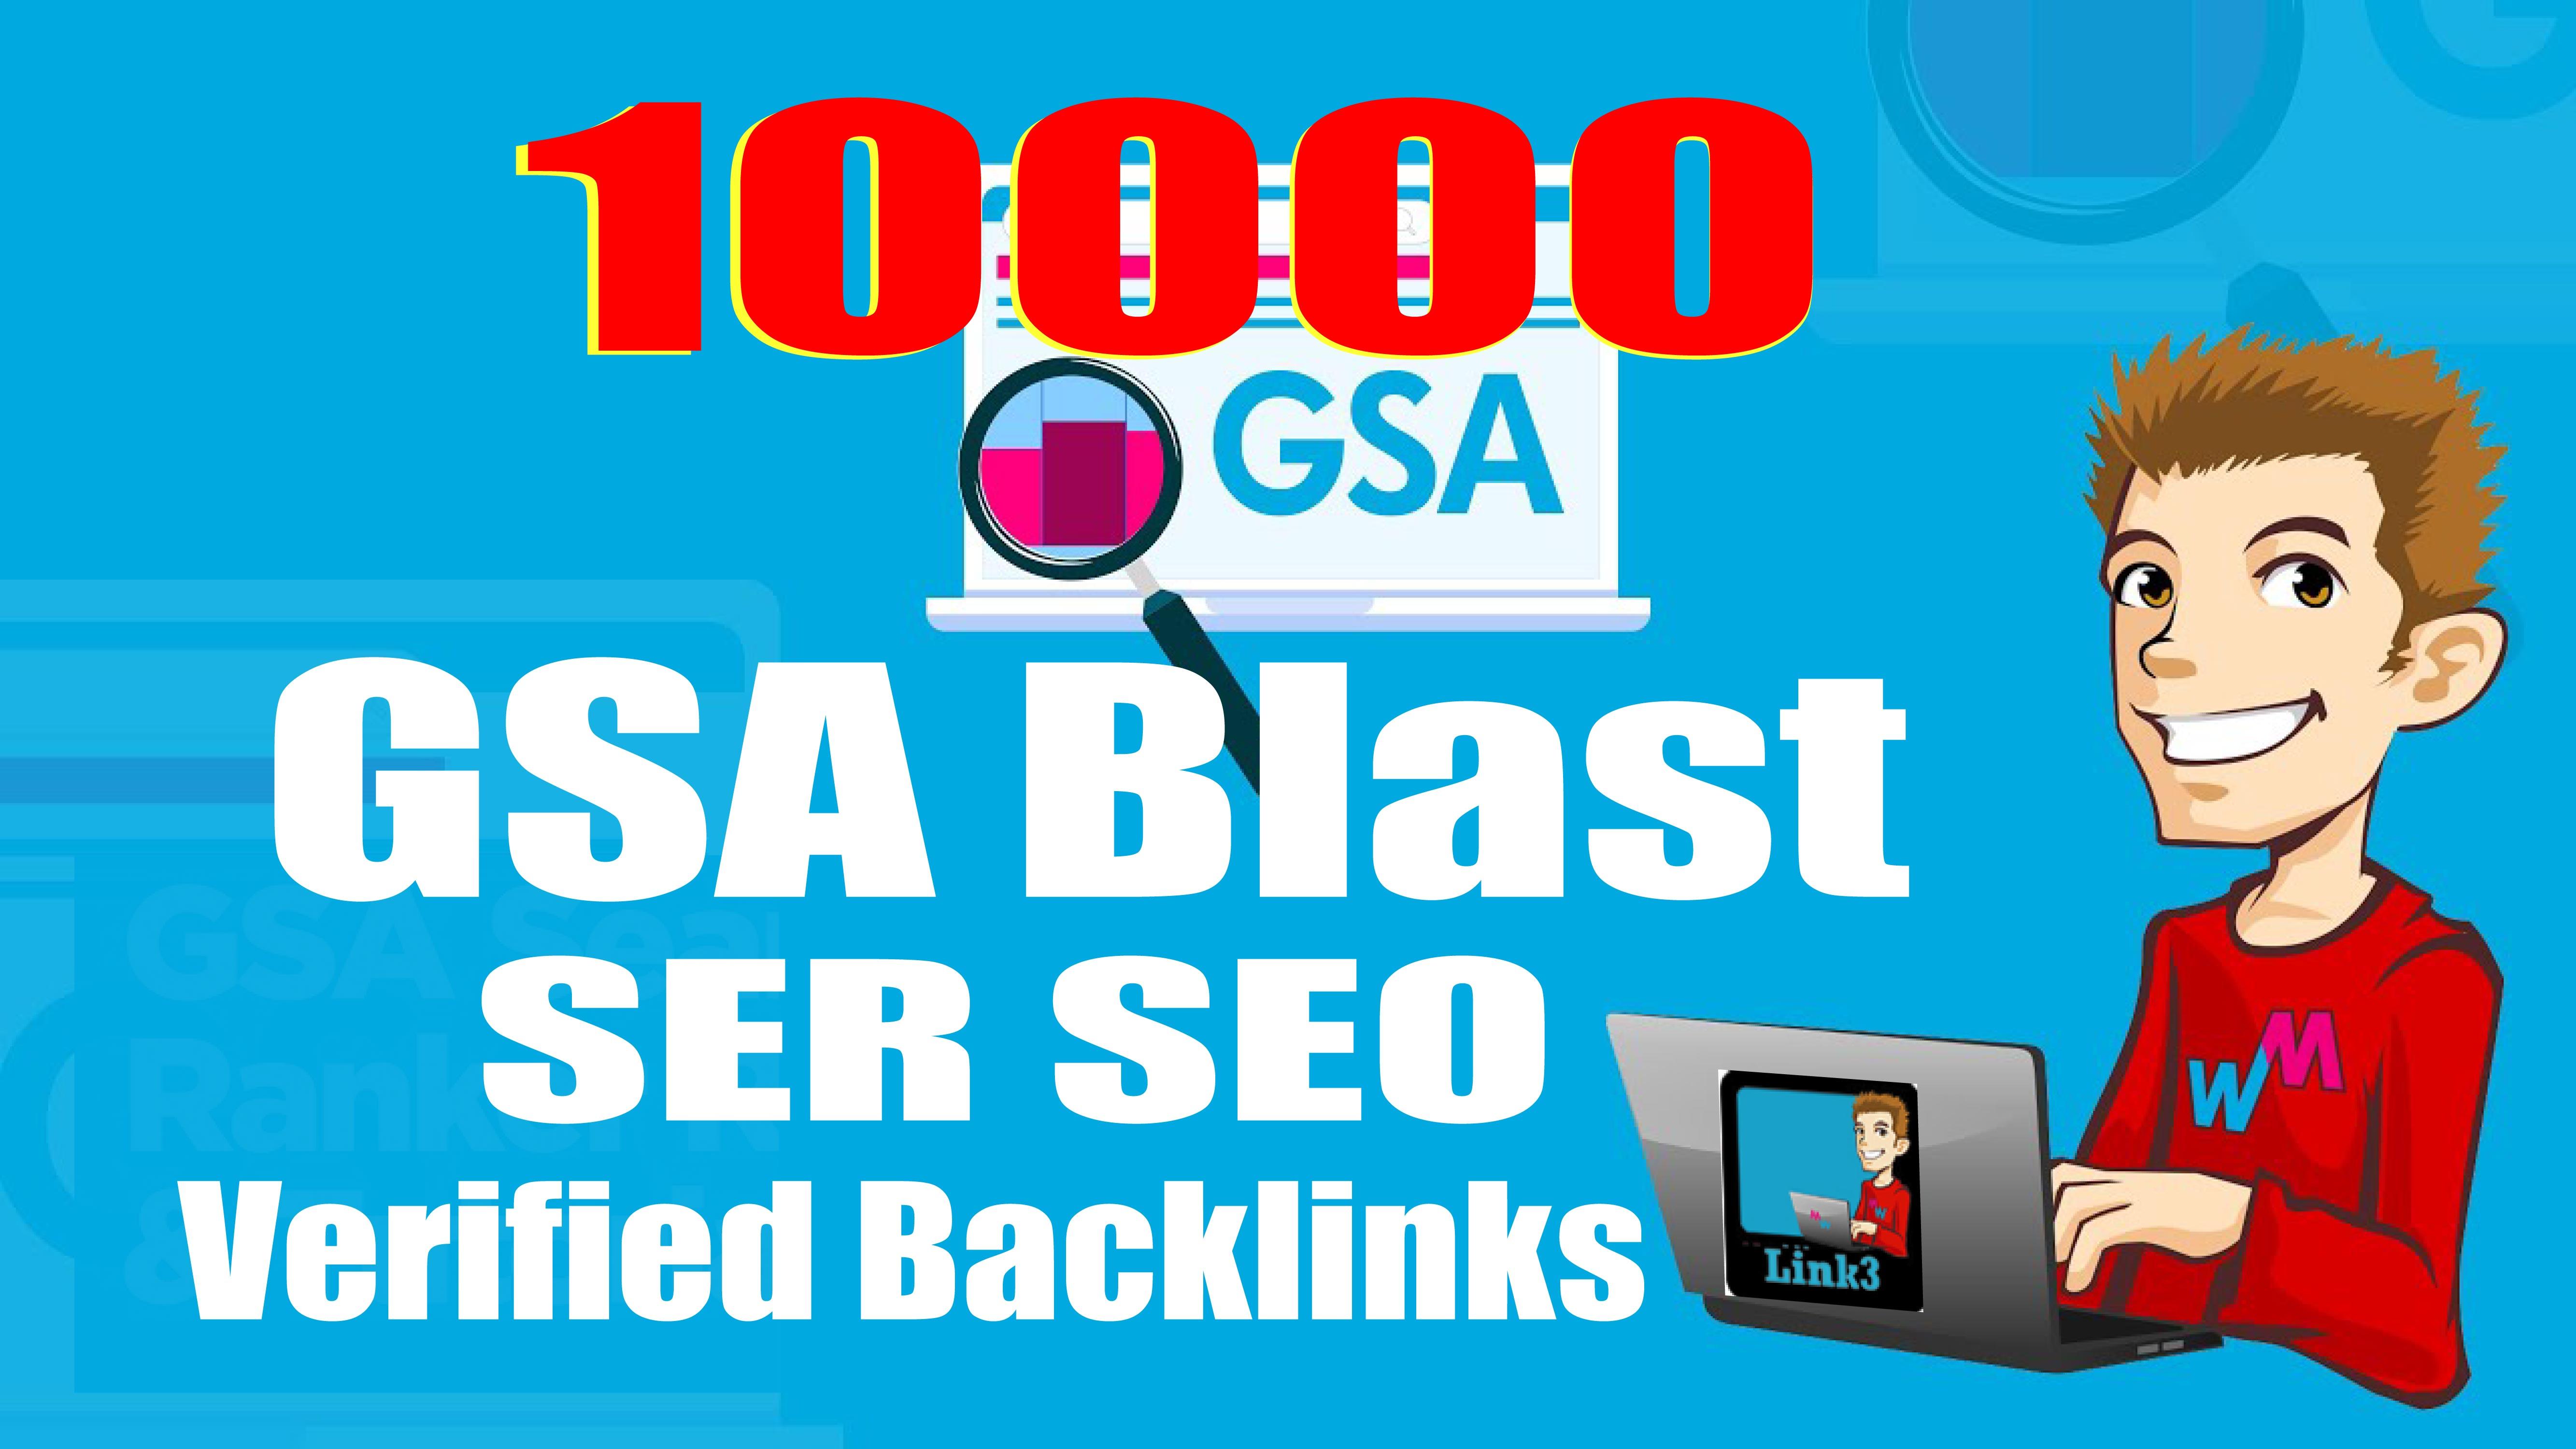 5x Order - 10000 GSA SER Backlinks easy Link Juice and Faster Index,  Best For Tier2 or Tier3 Links